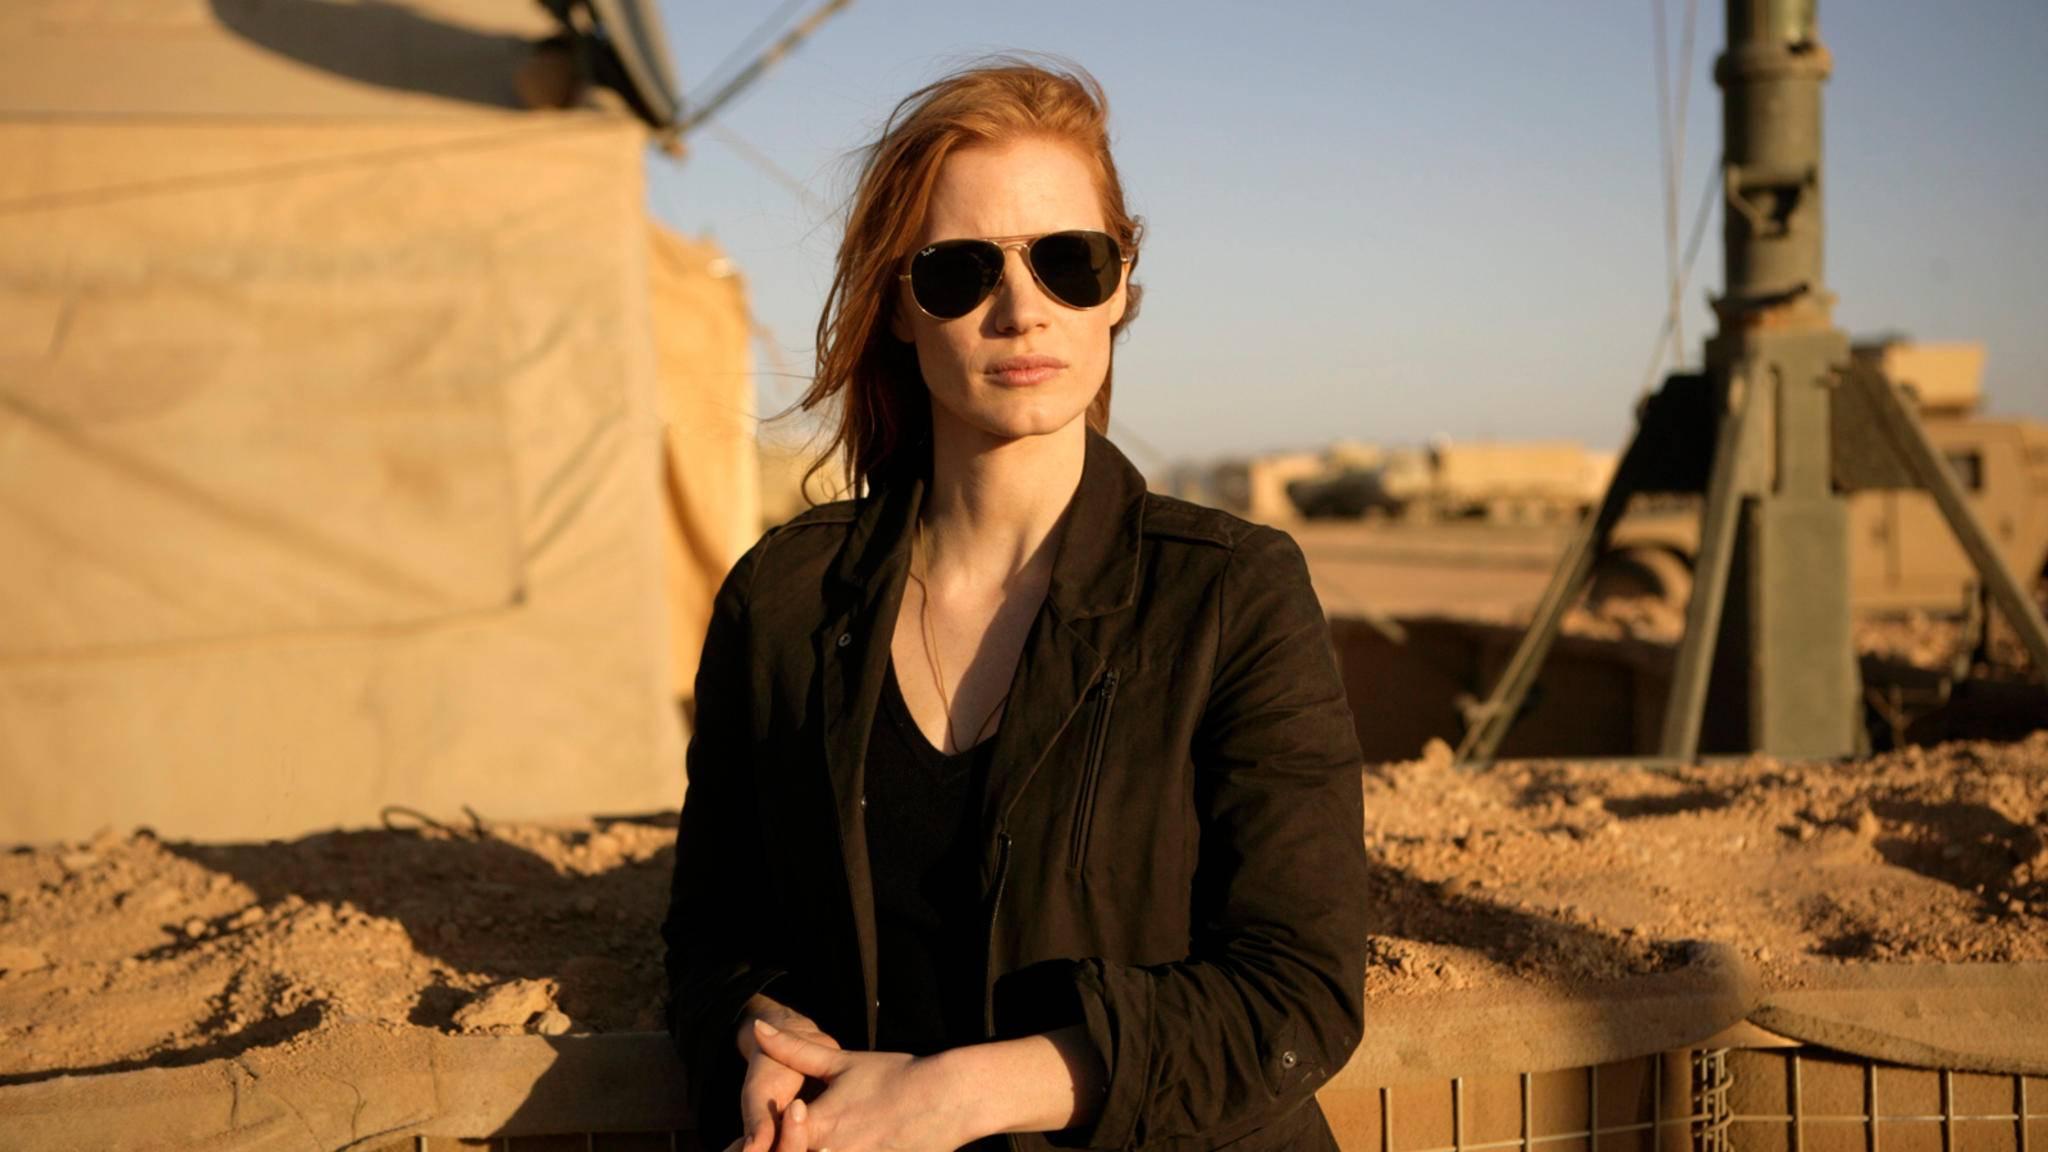 """2012 kam mit """"Zero Dark Thirty"""" ein packender Politthriller mit Jassica Chastain in der Hauptrolle in die Kinos."""